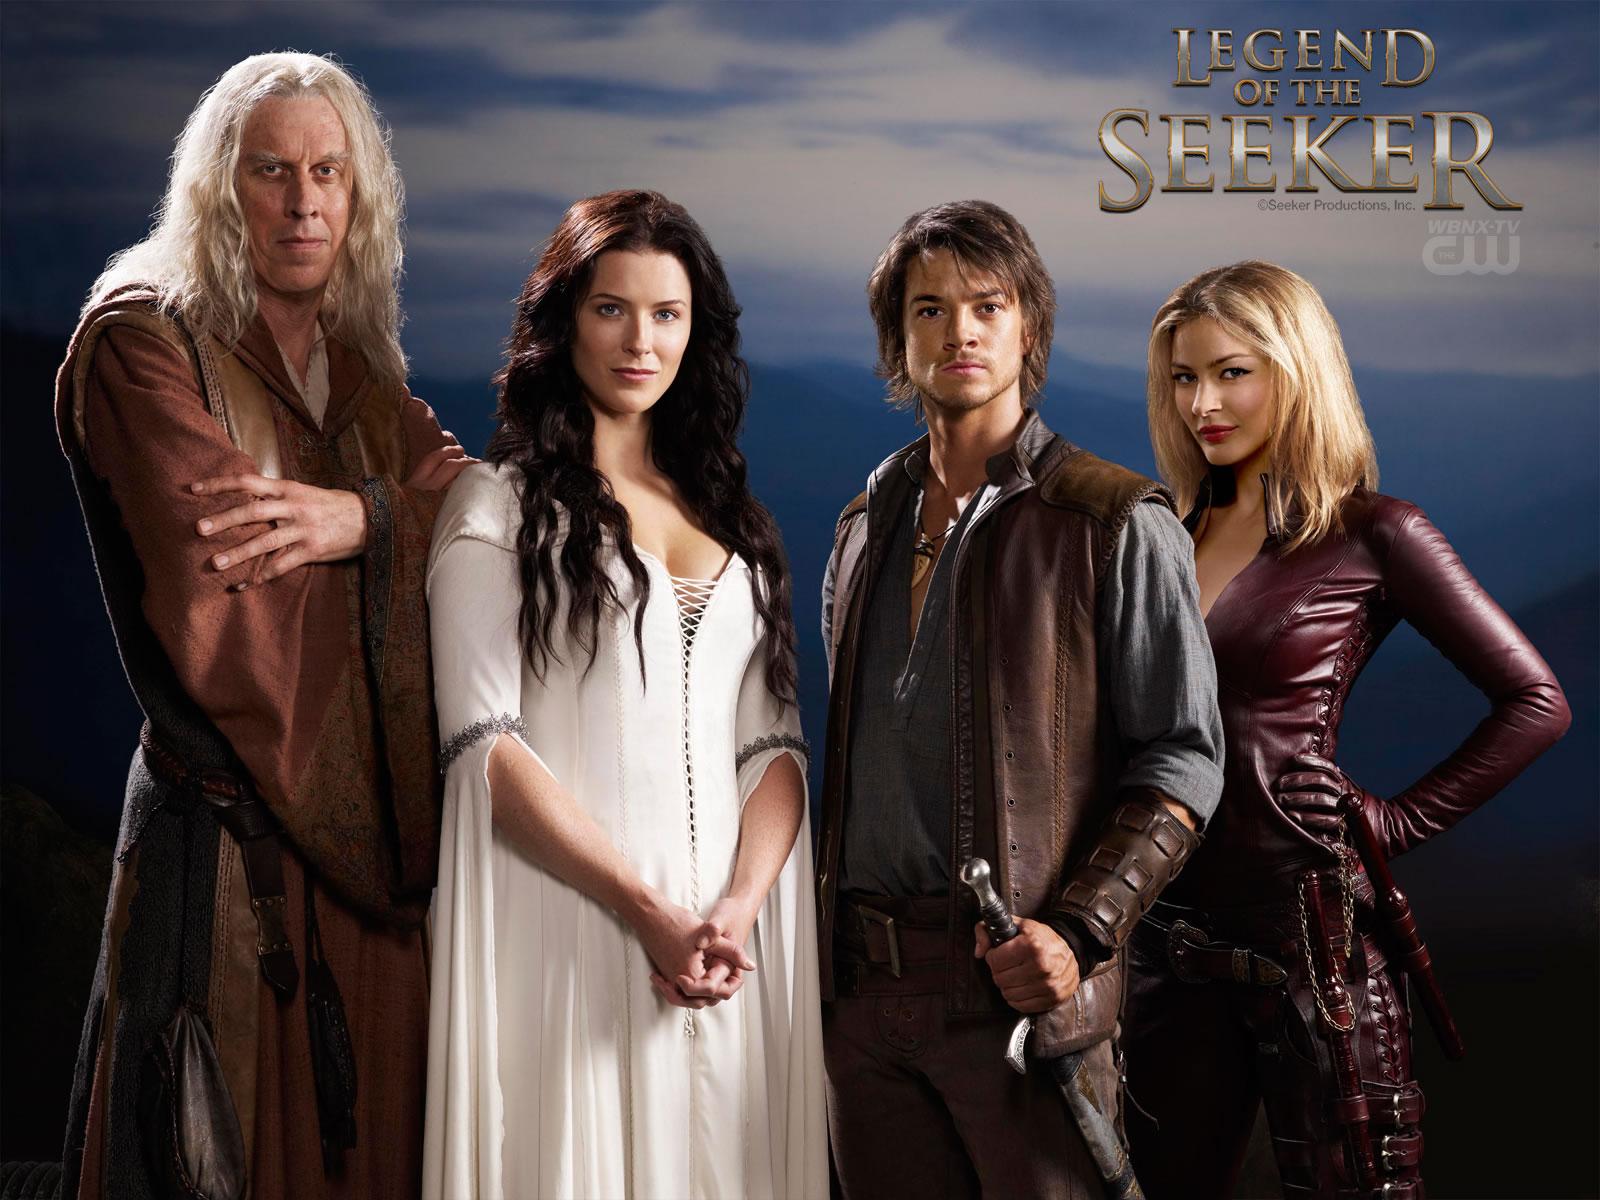 будет ли 3 сезон легенды об искателе: